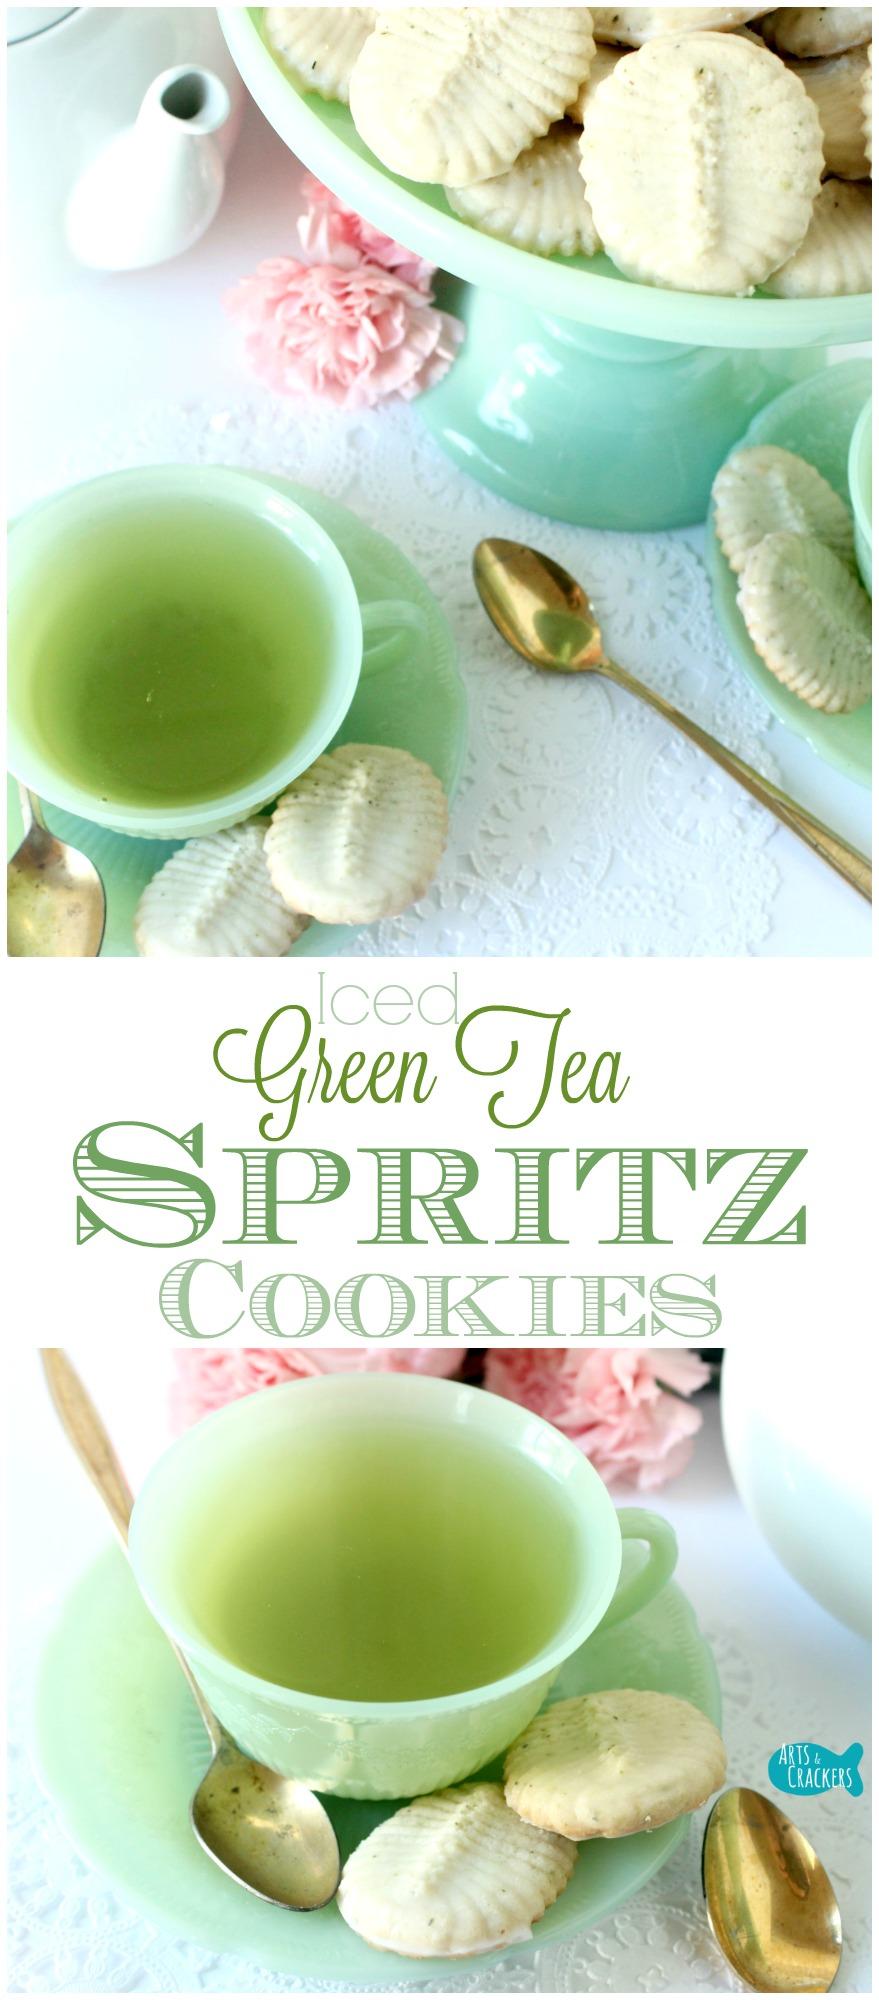 Green Tea Spritz Cookies With Green Tea Icing Recipe